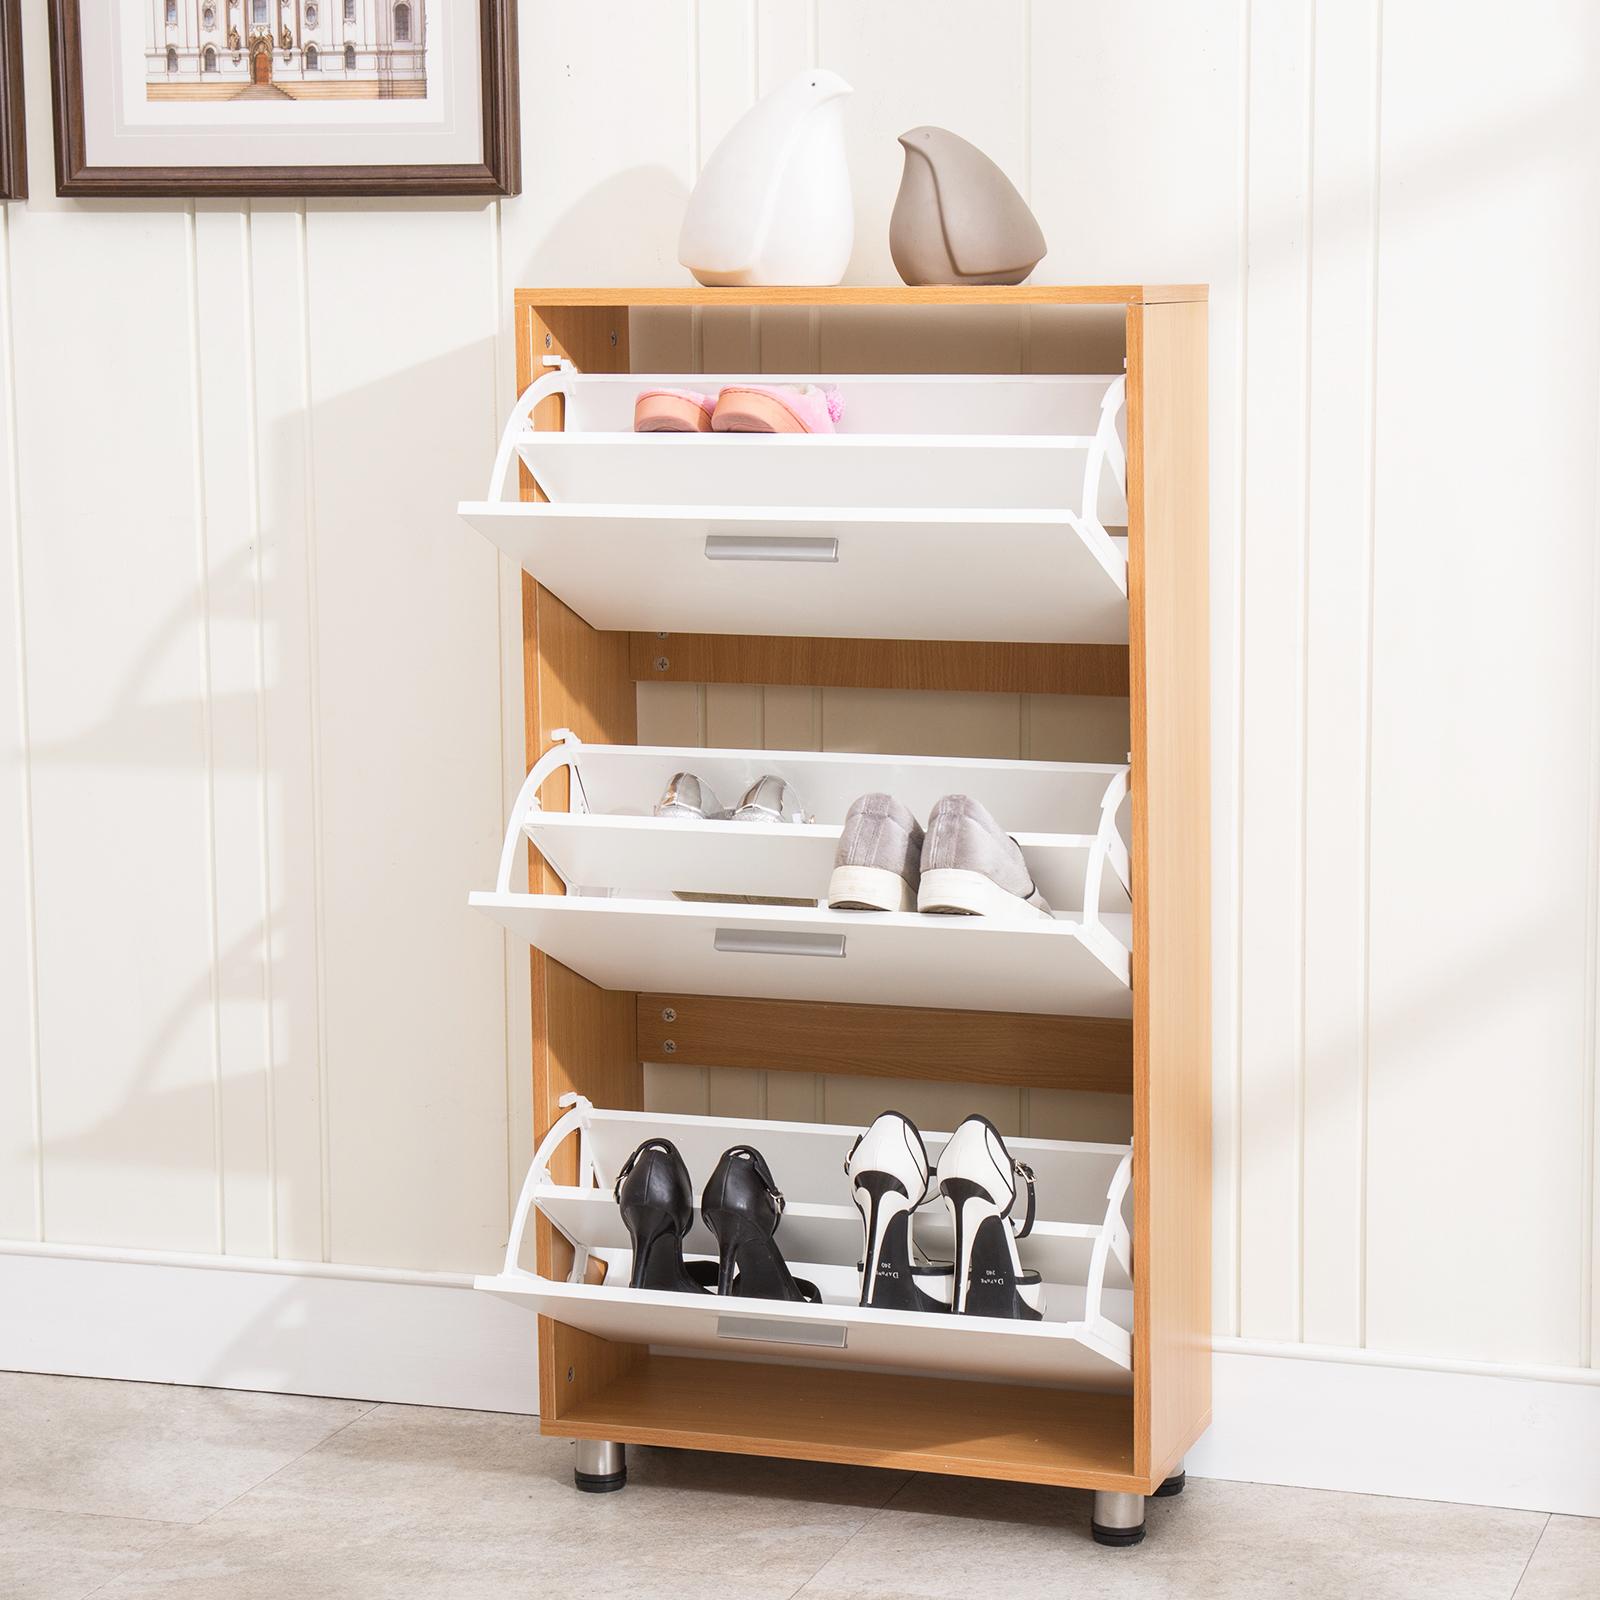 Mudroom Organizers Storage : Drawer shoe storage pair organizer cabinet entryway